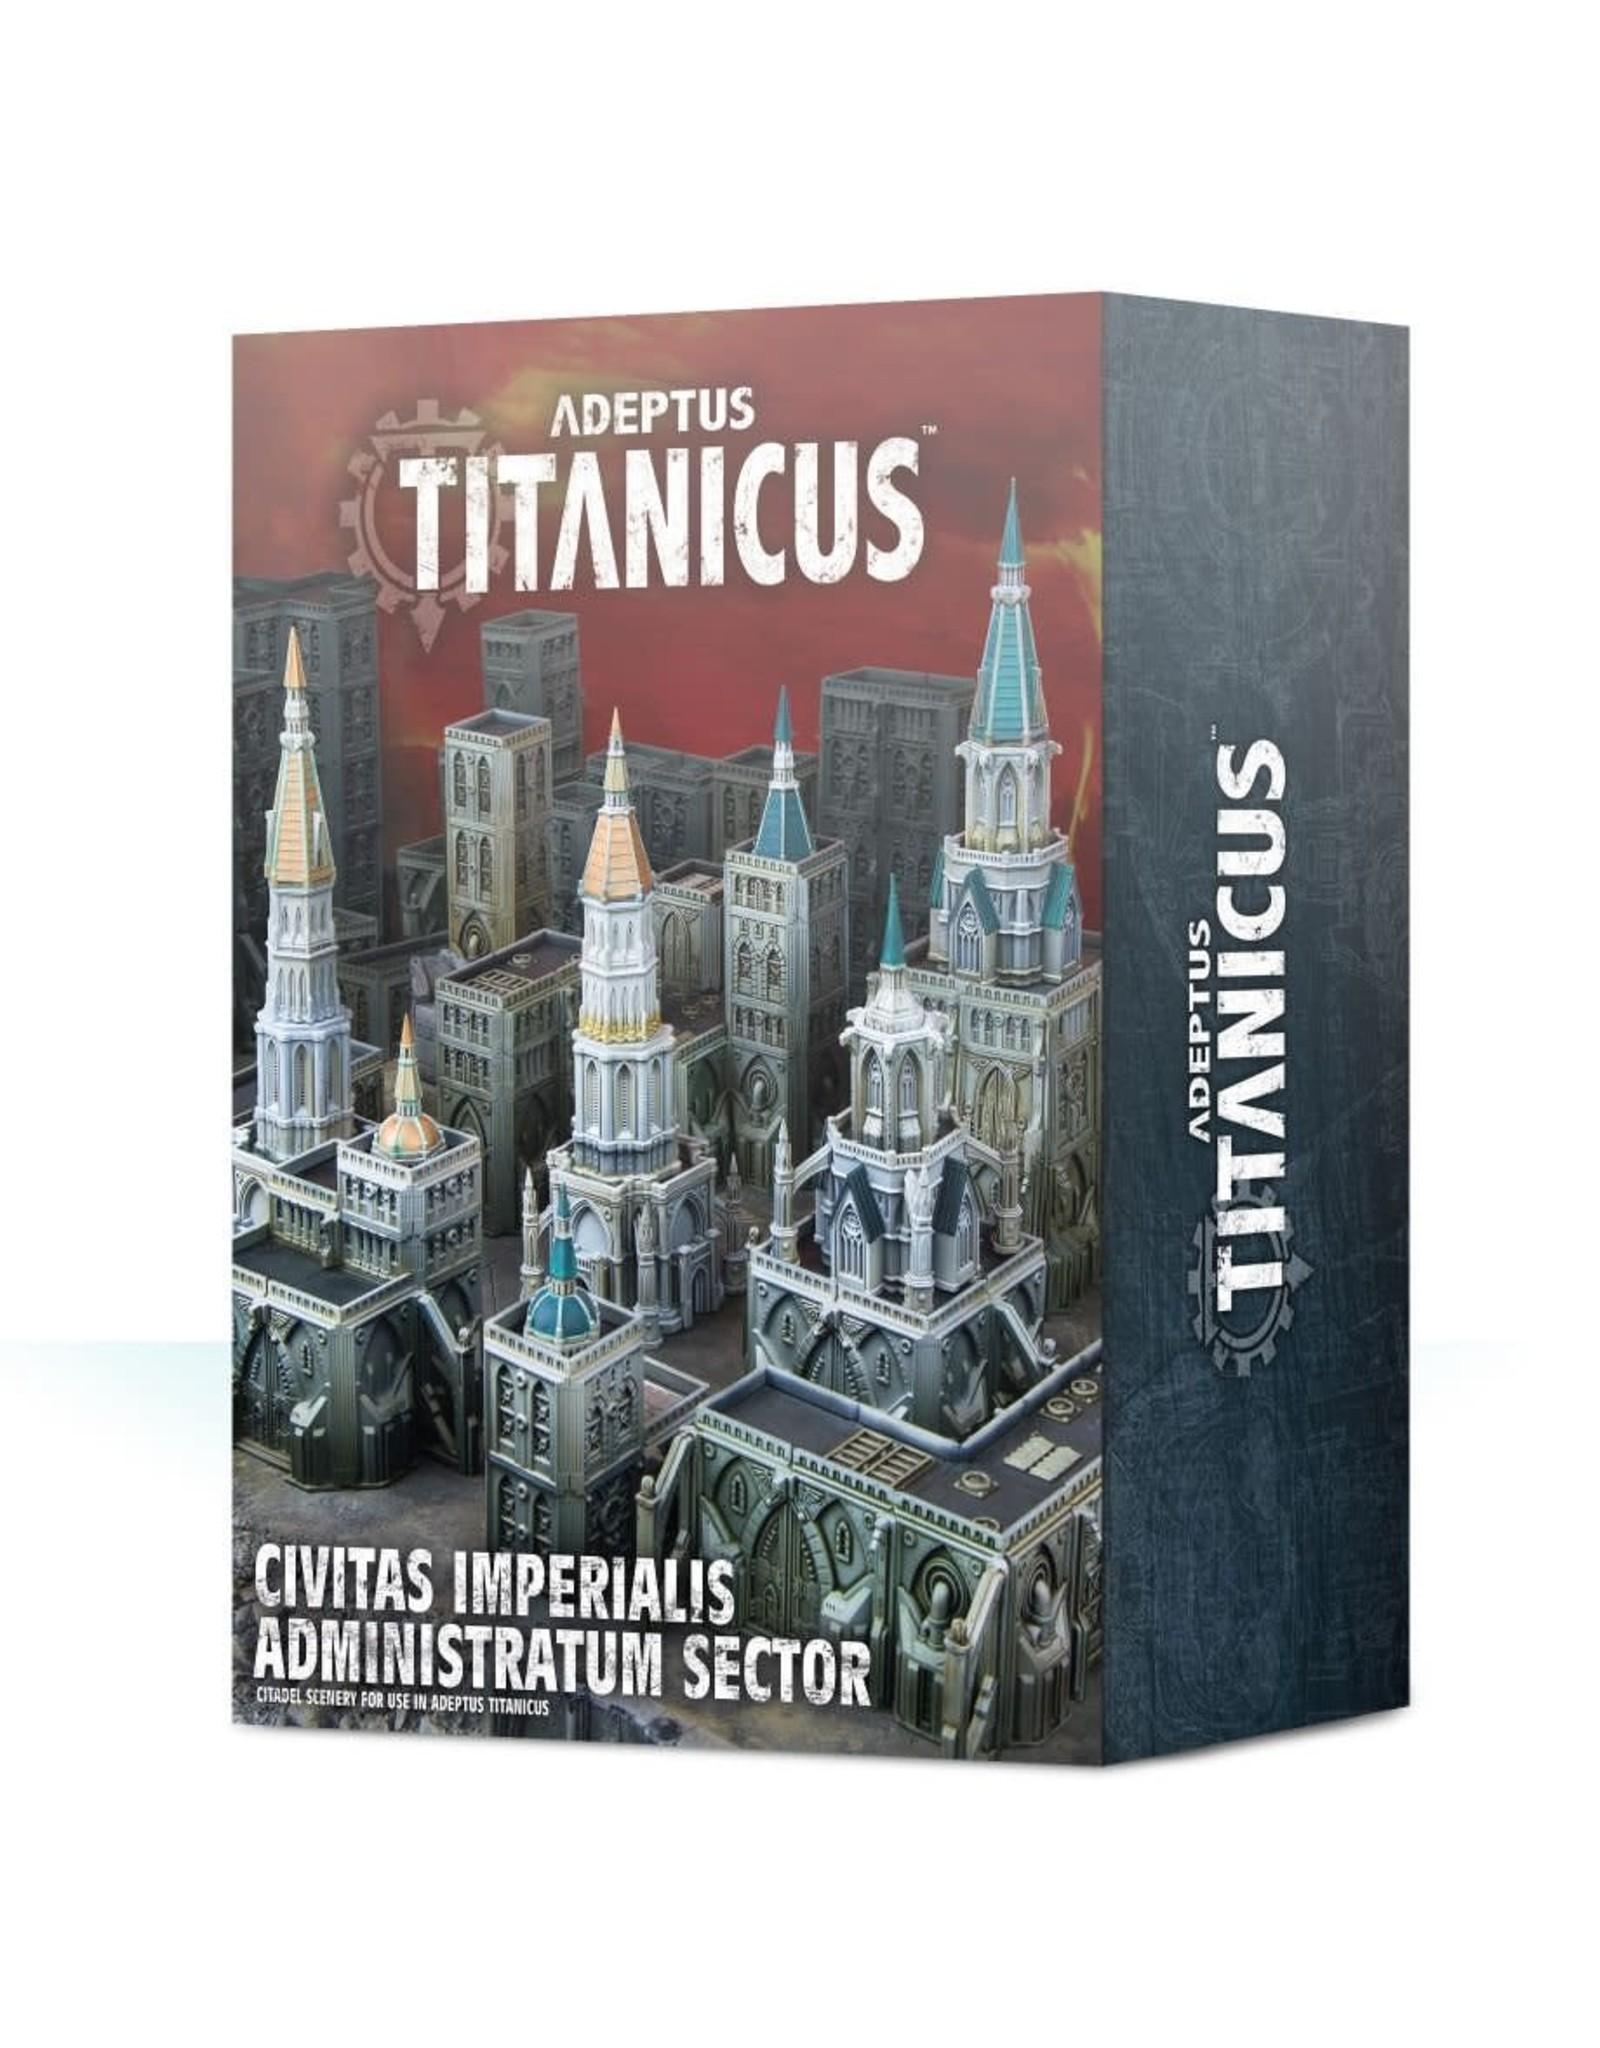 Games Workshop ADEPTUS TITANICUS: CIVITAS IMPERIALIS ADMINISTRATUM SECTOR